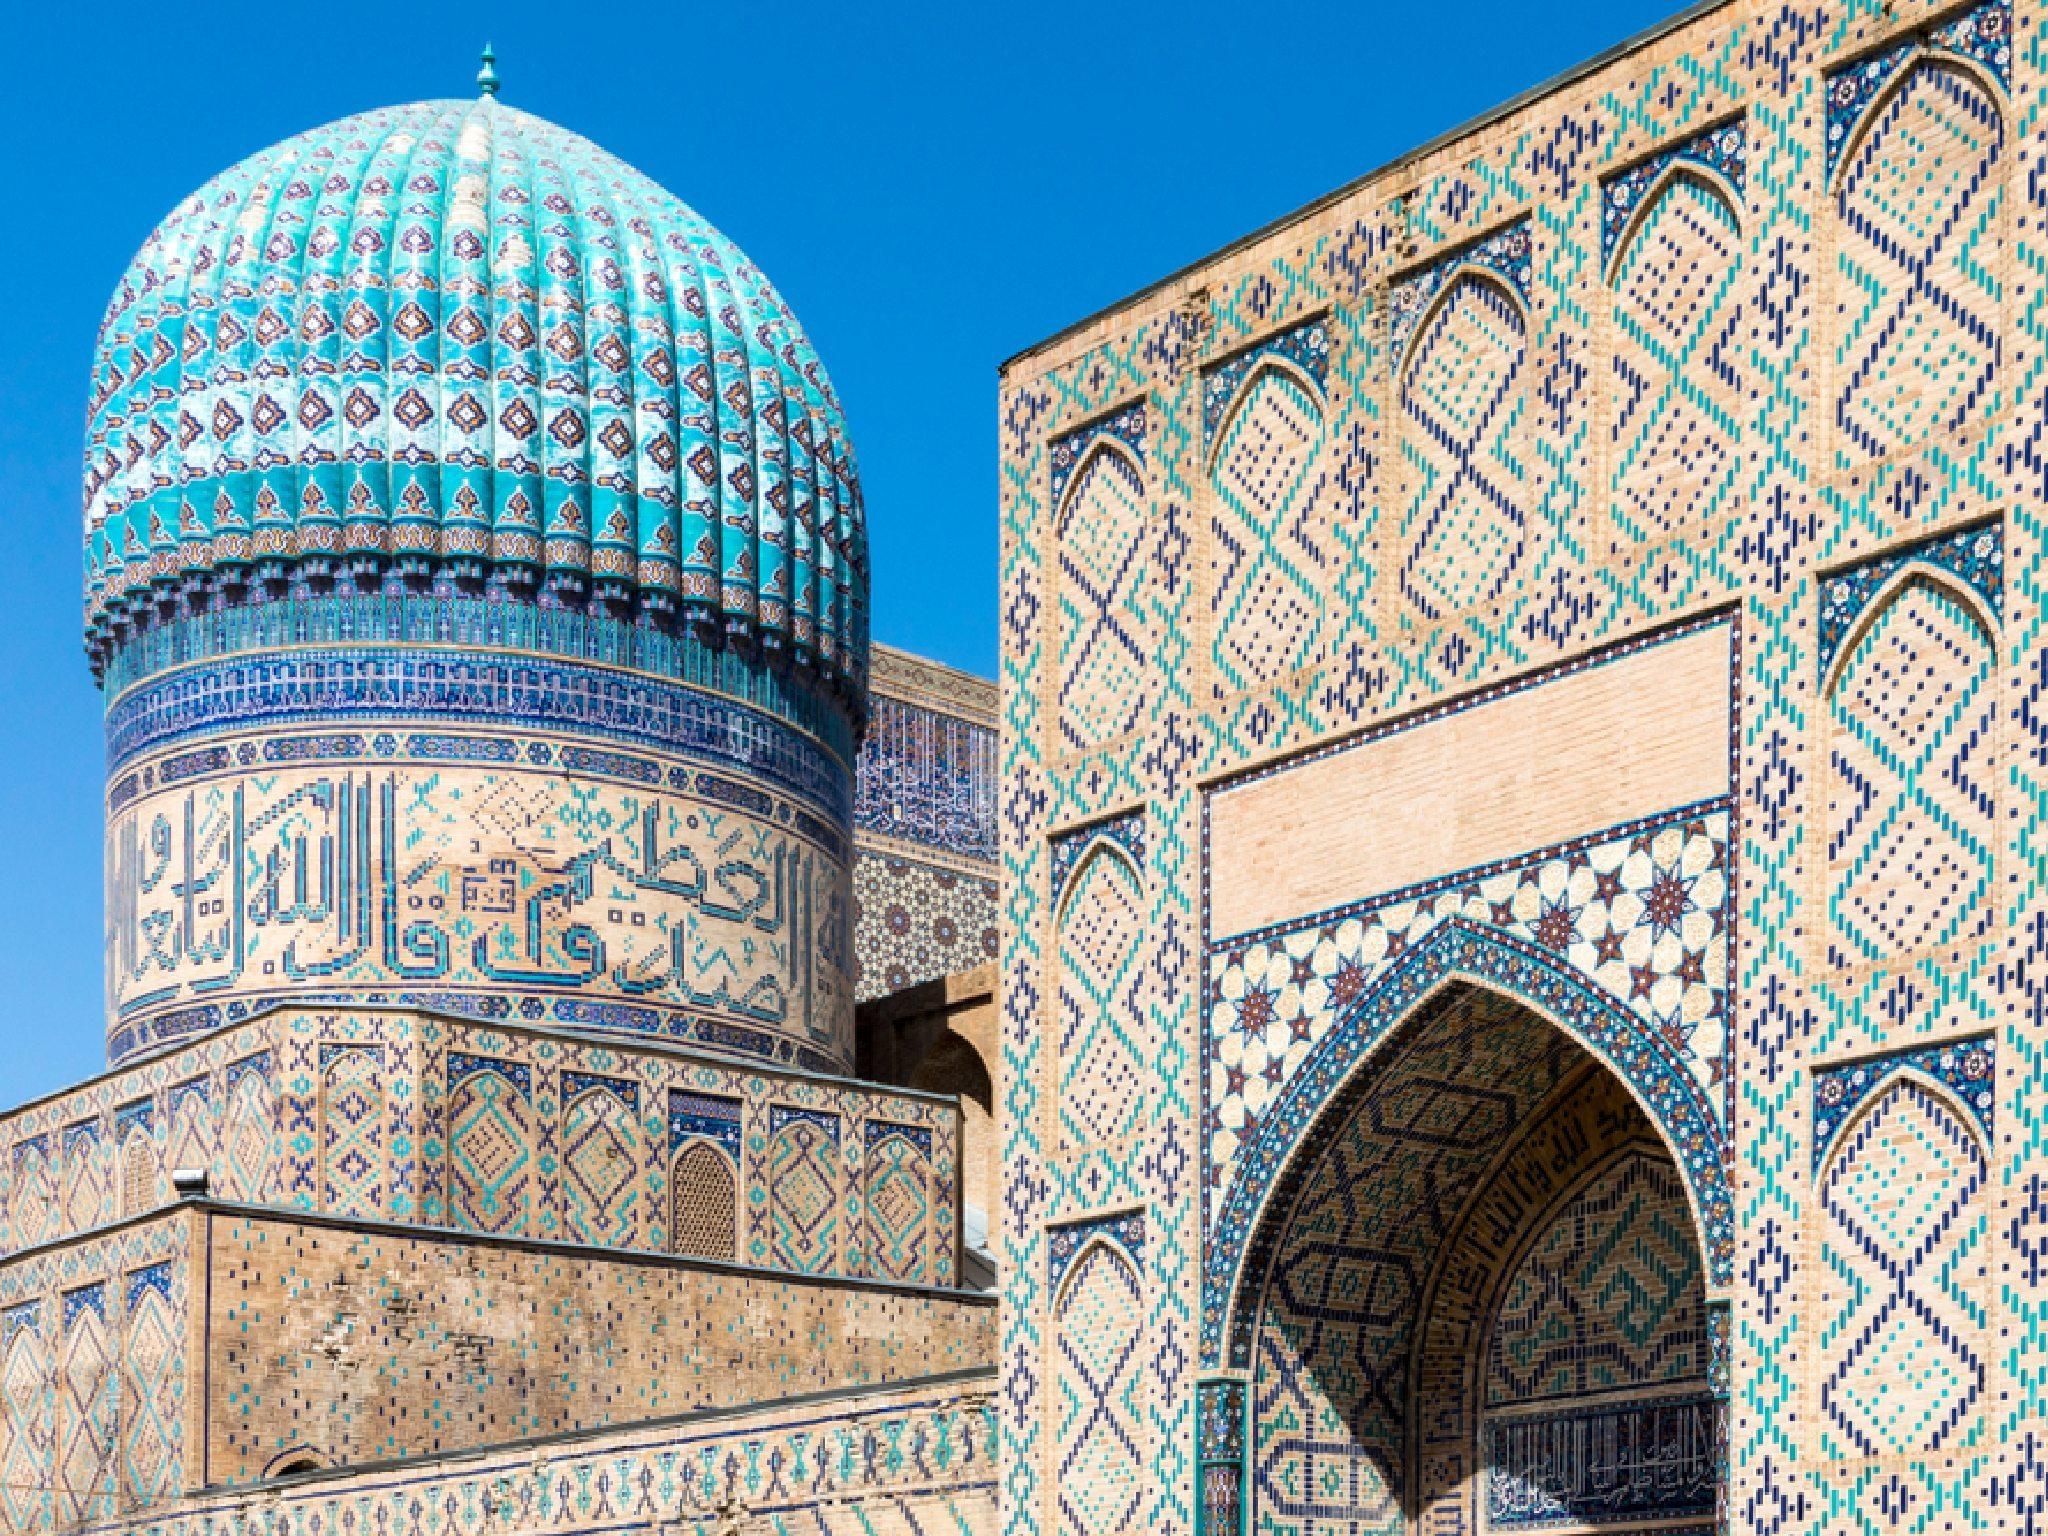 Uzbekistan offers $3k to tourists who get Covid-19